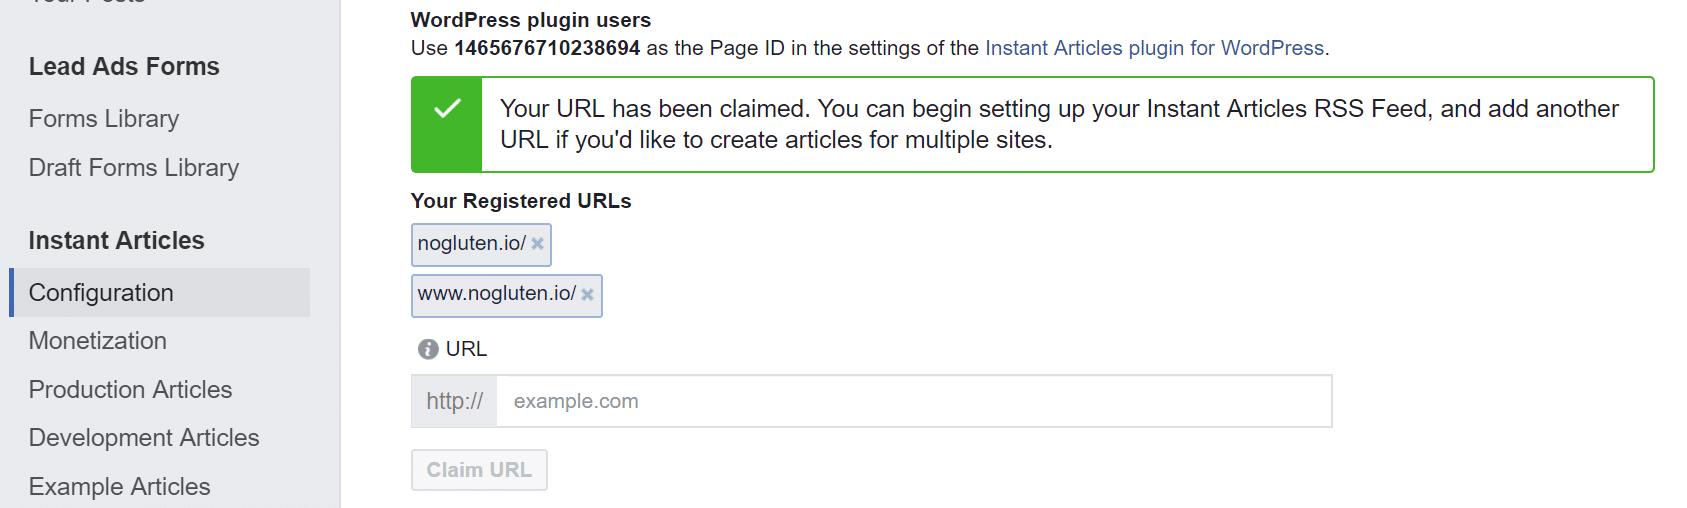 Beanspruchte Facebook-Instant-Artikel-URL